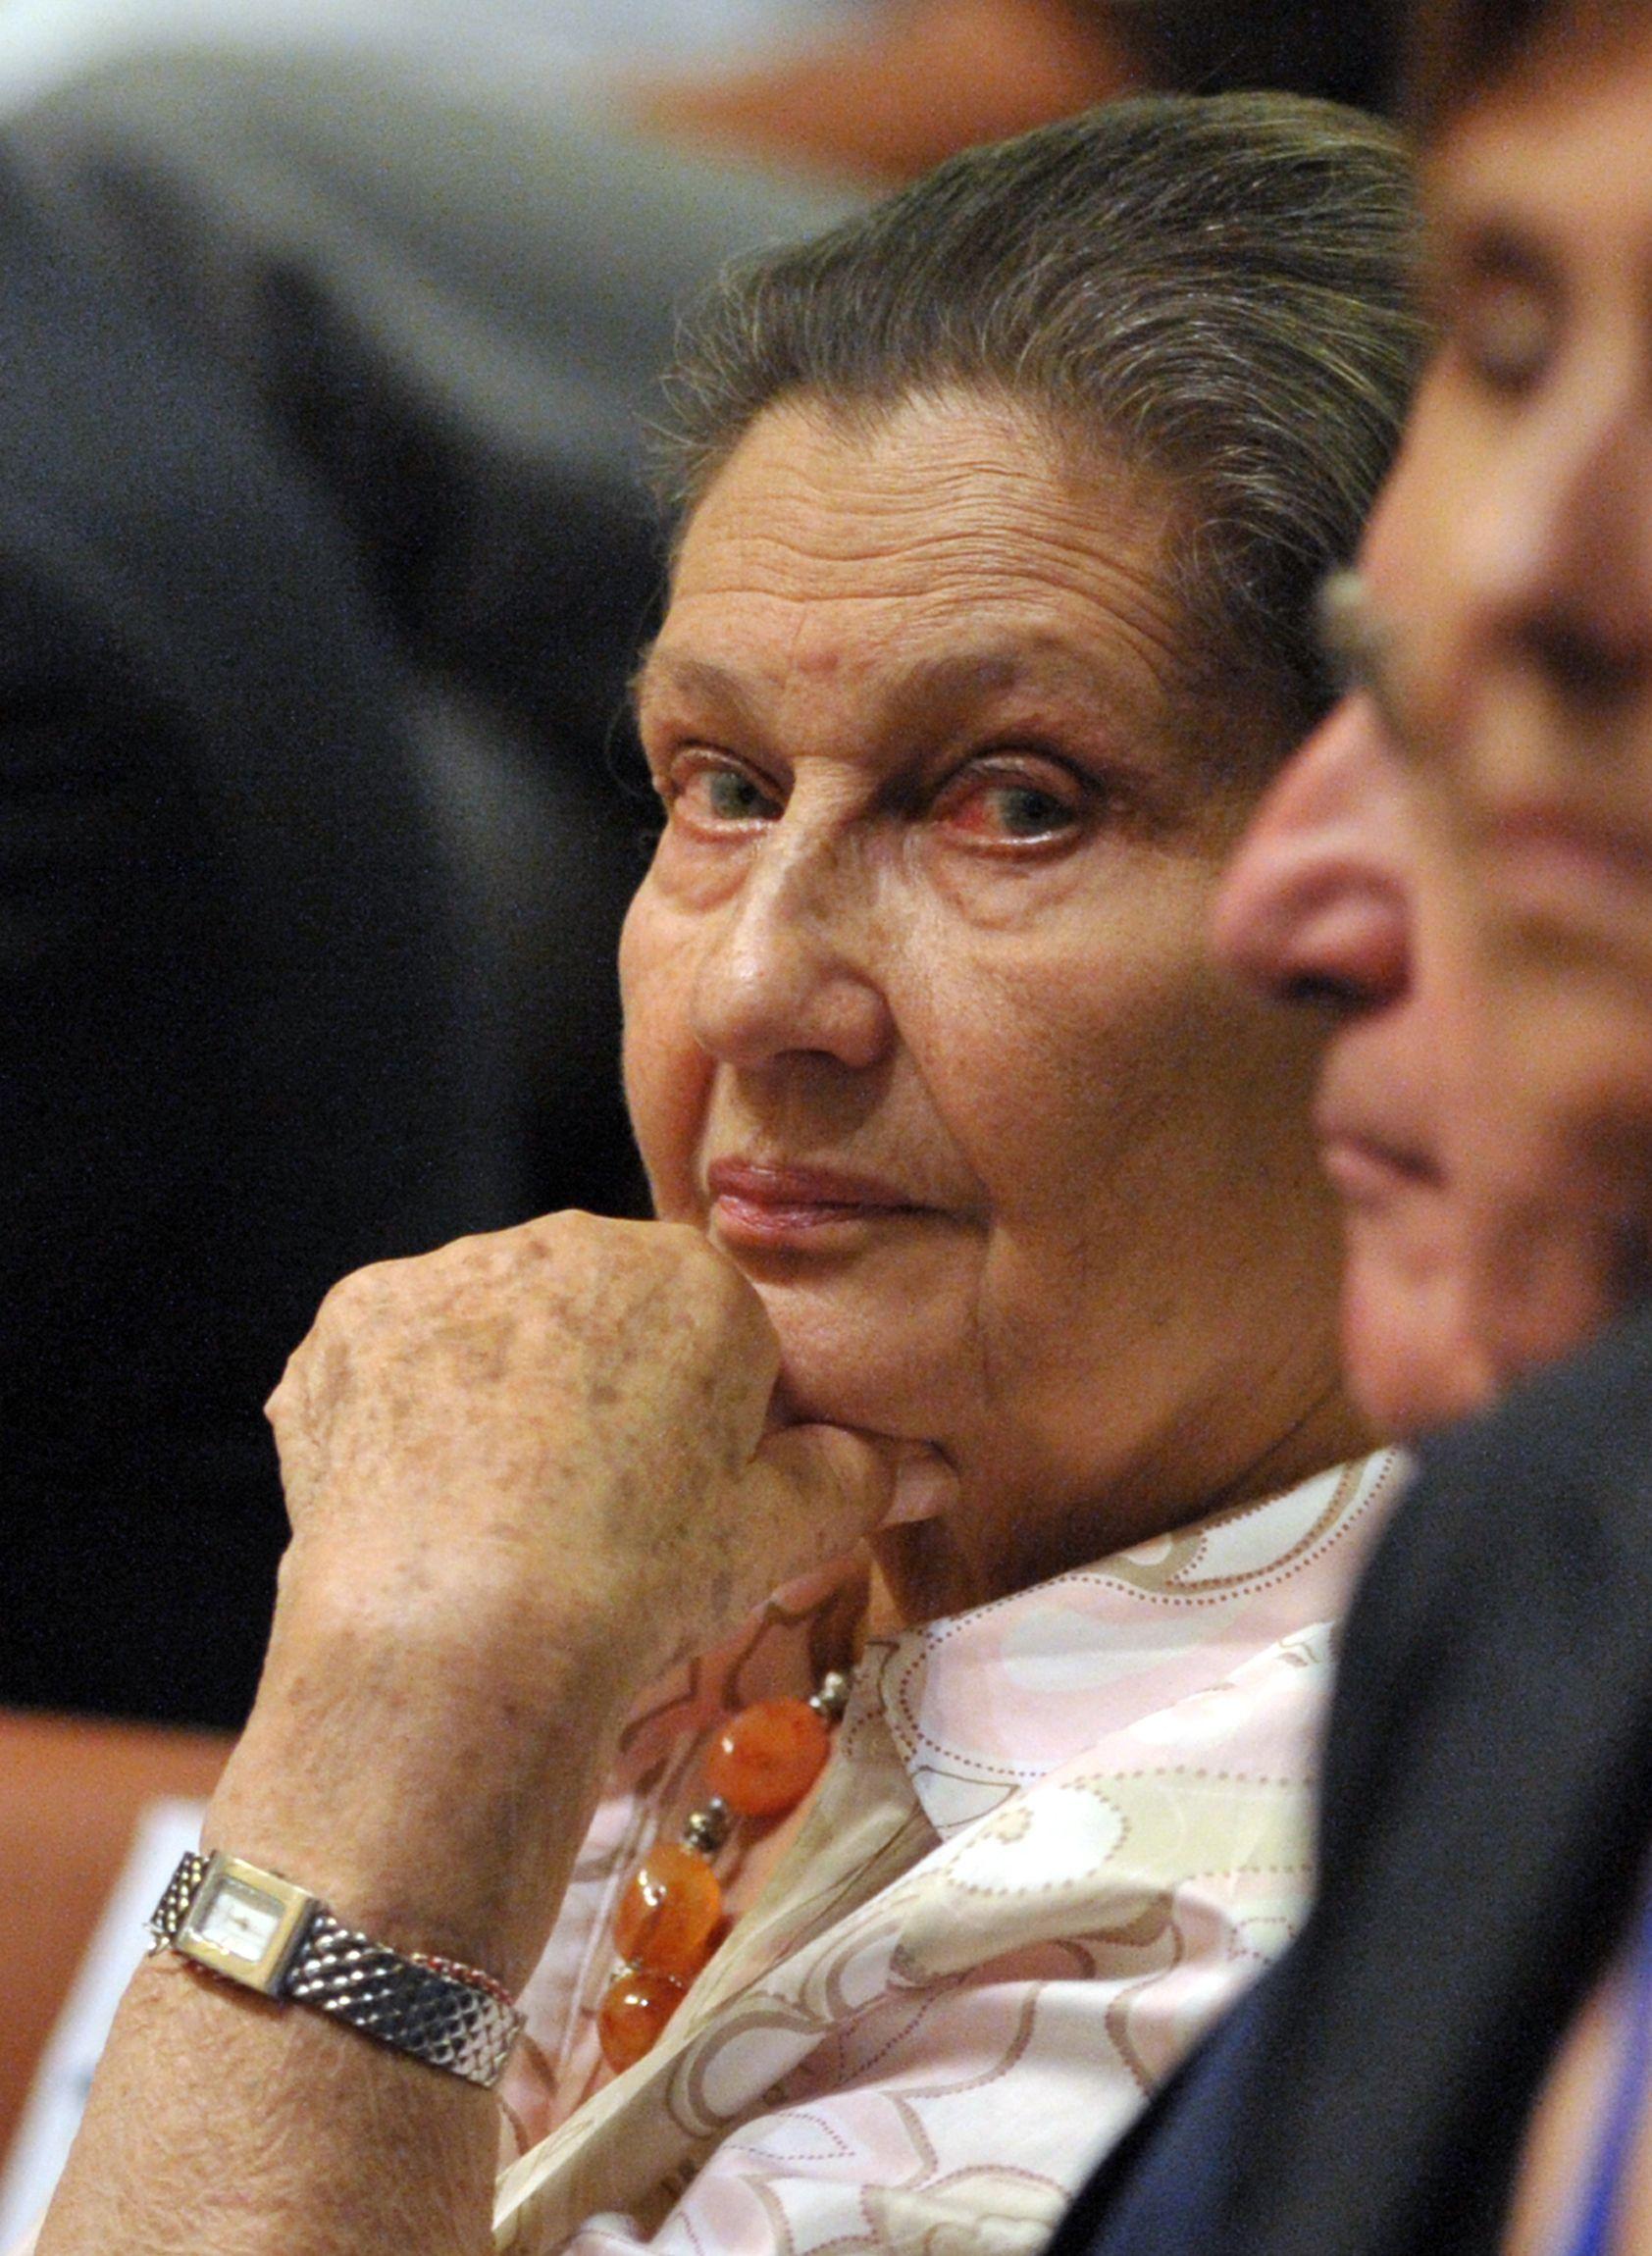 Déjà 125.000 signatures pour faire entrer Simone Veil au Panthéon